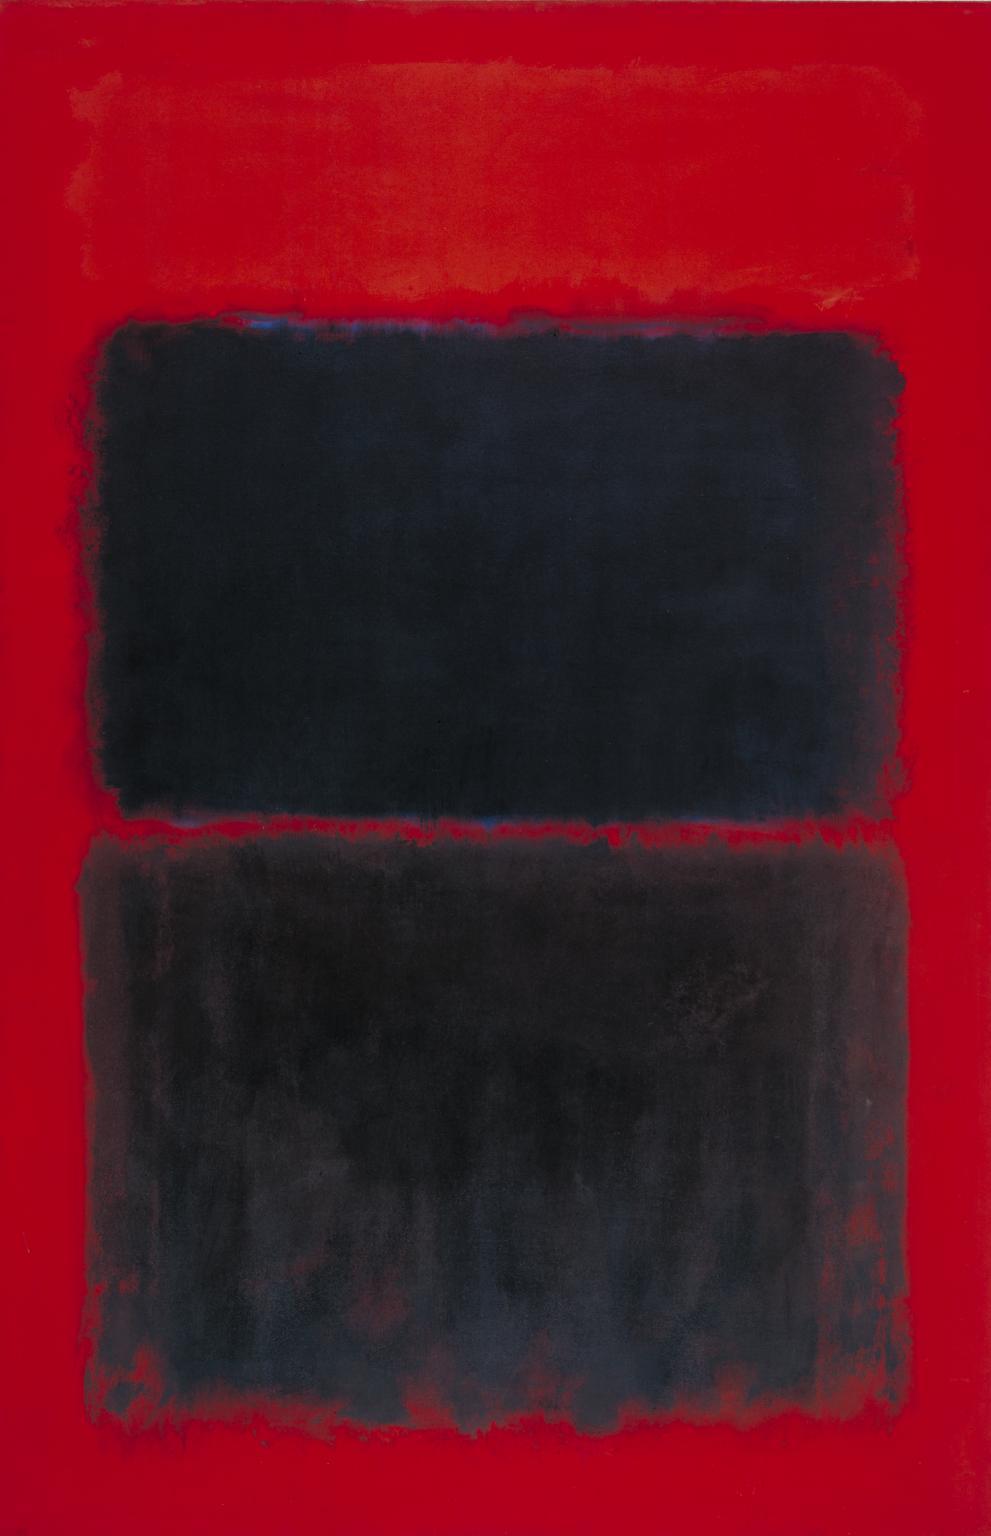 Rothko, Light Red over Black (1957)